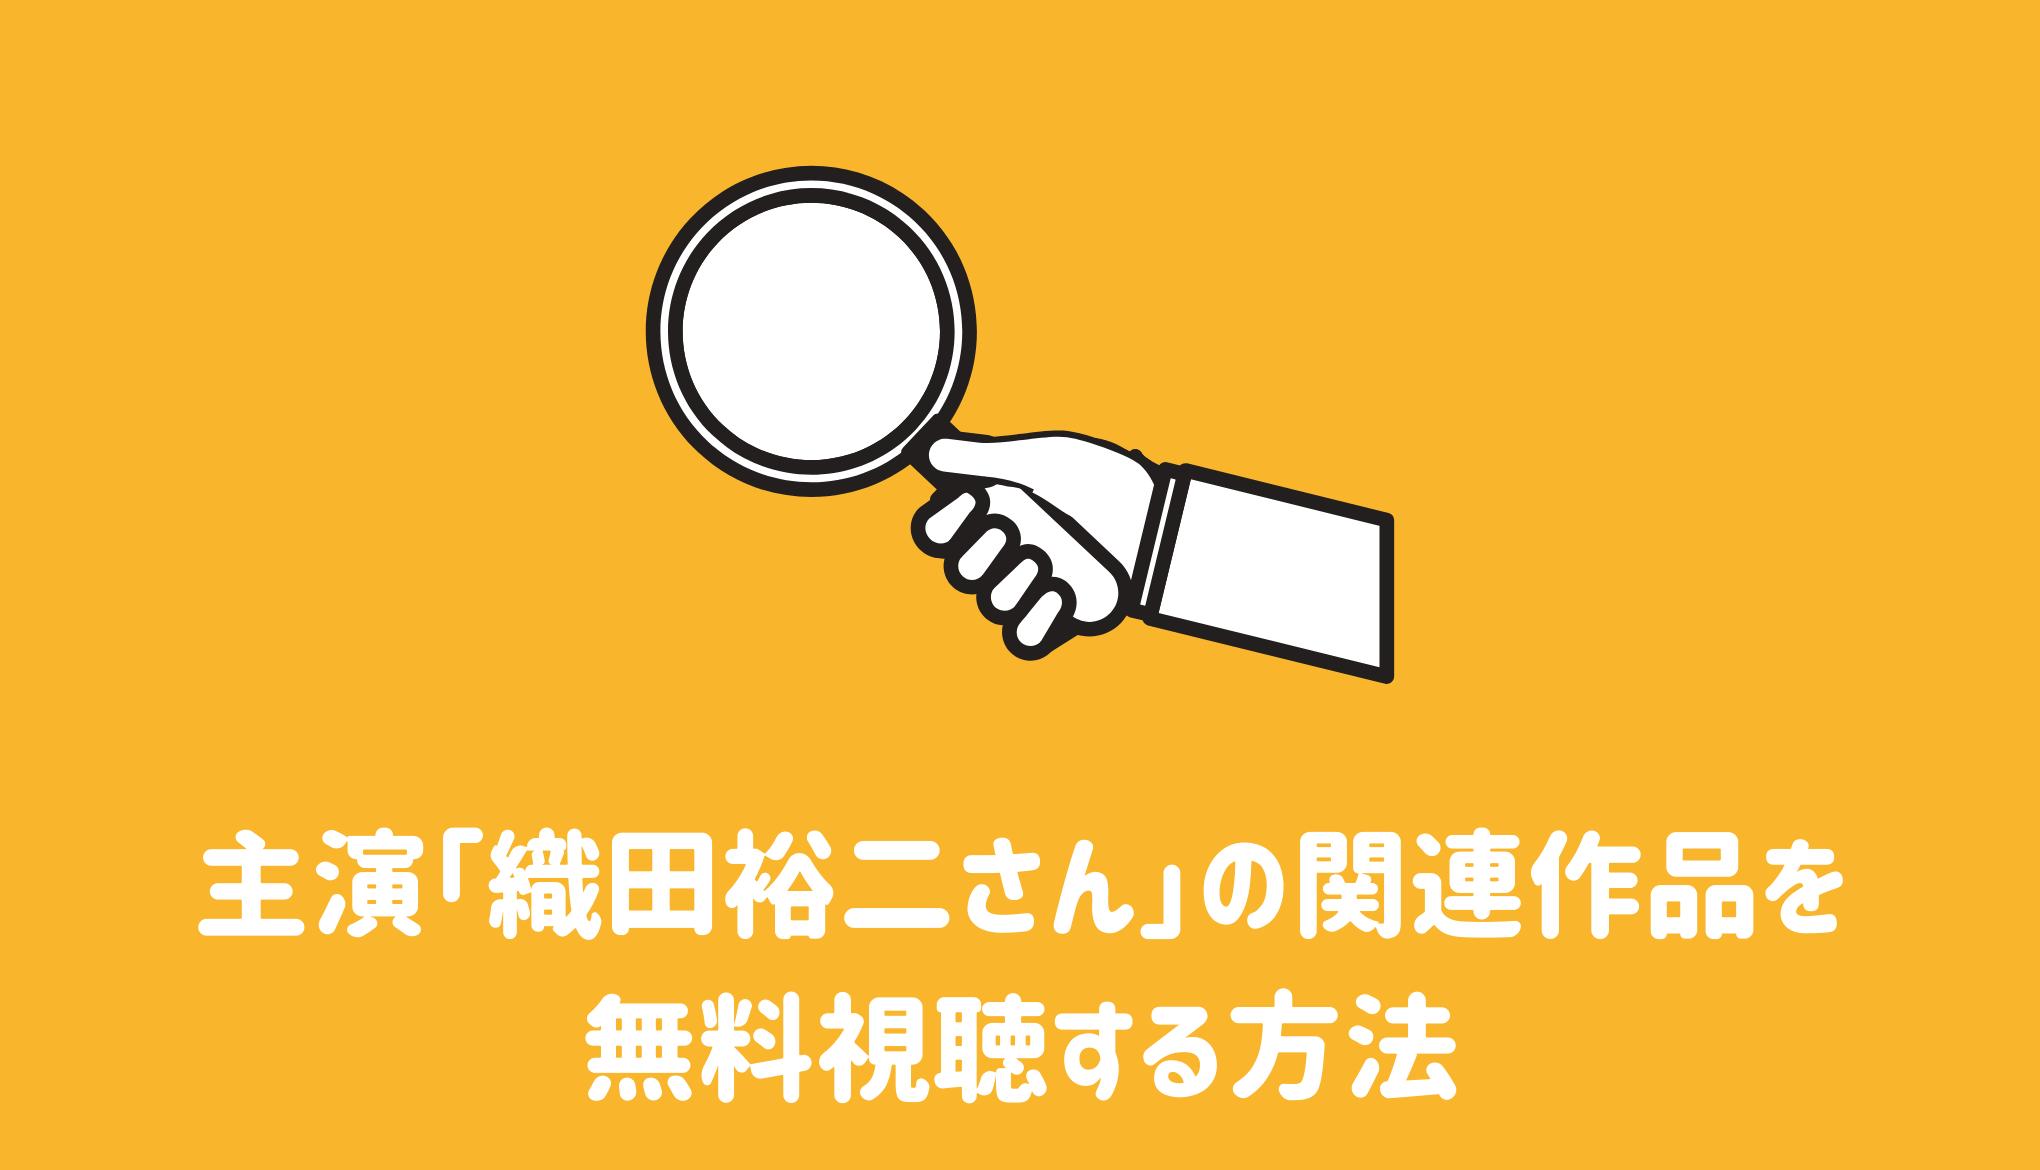 織田裕二さん出演のドラマを無料視聴する方法